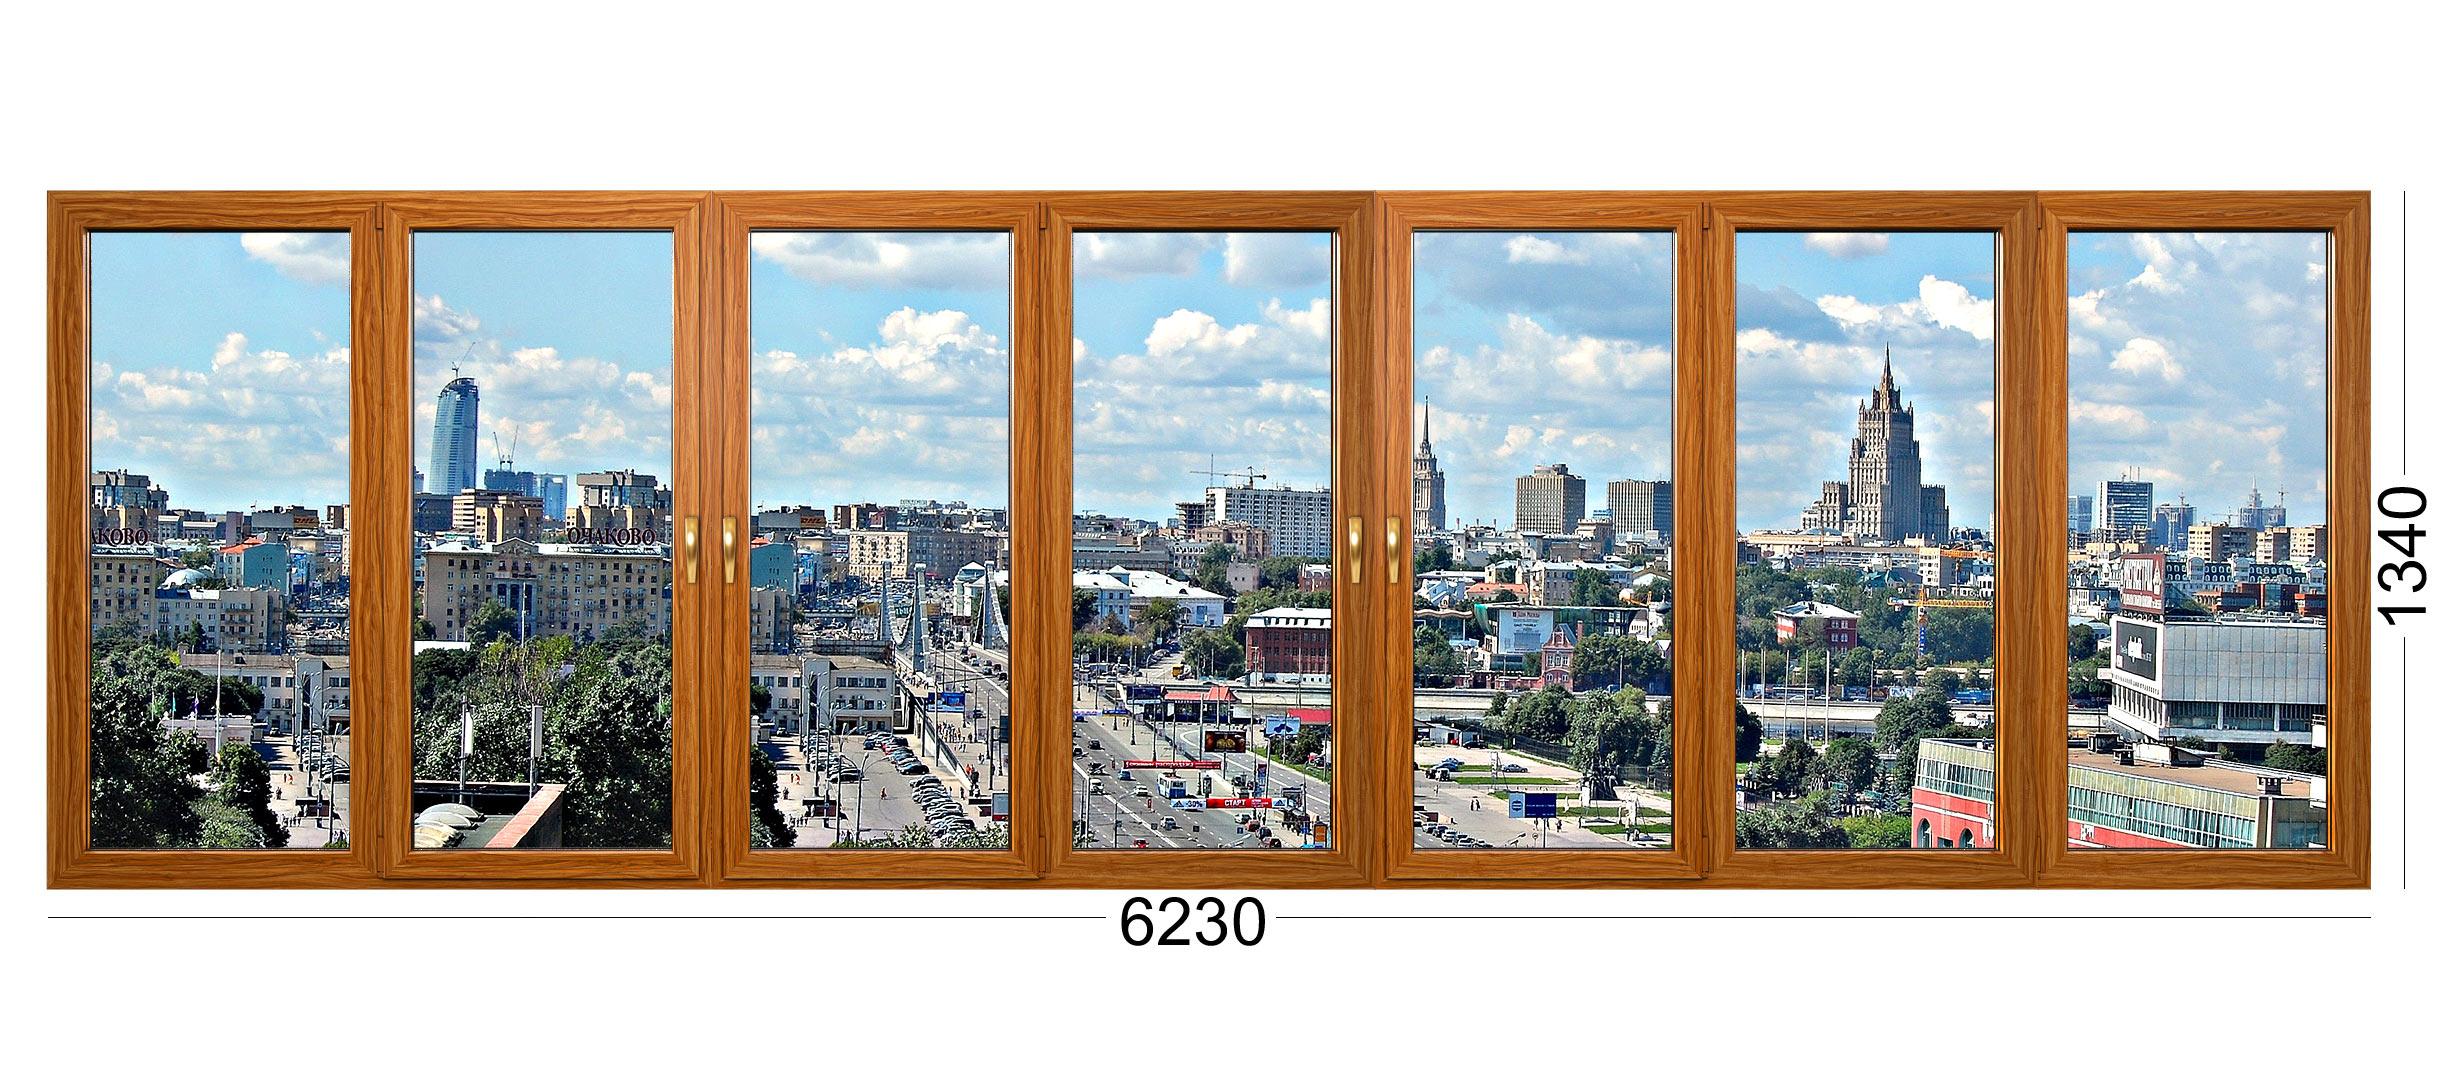 Огромная лоджия в доме панельном серии ii-68-3 в Москве. Деревянные окна